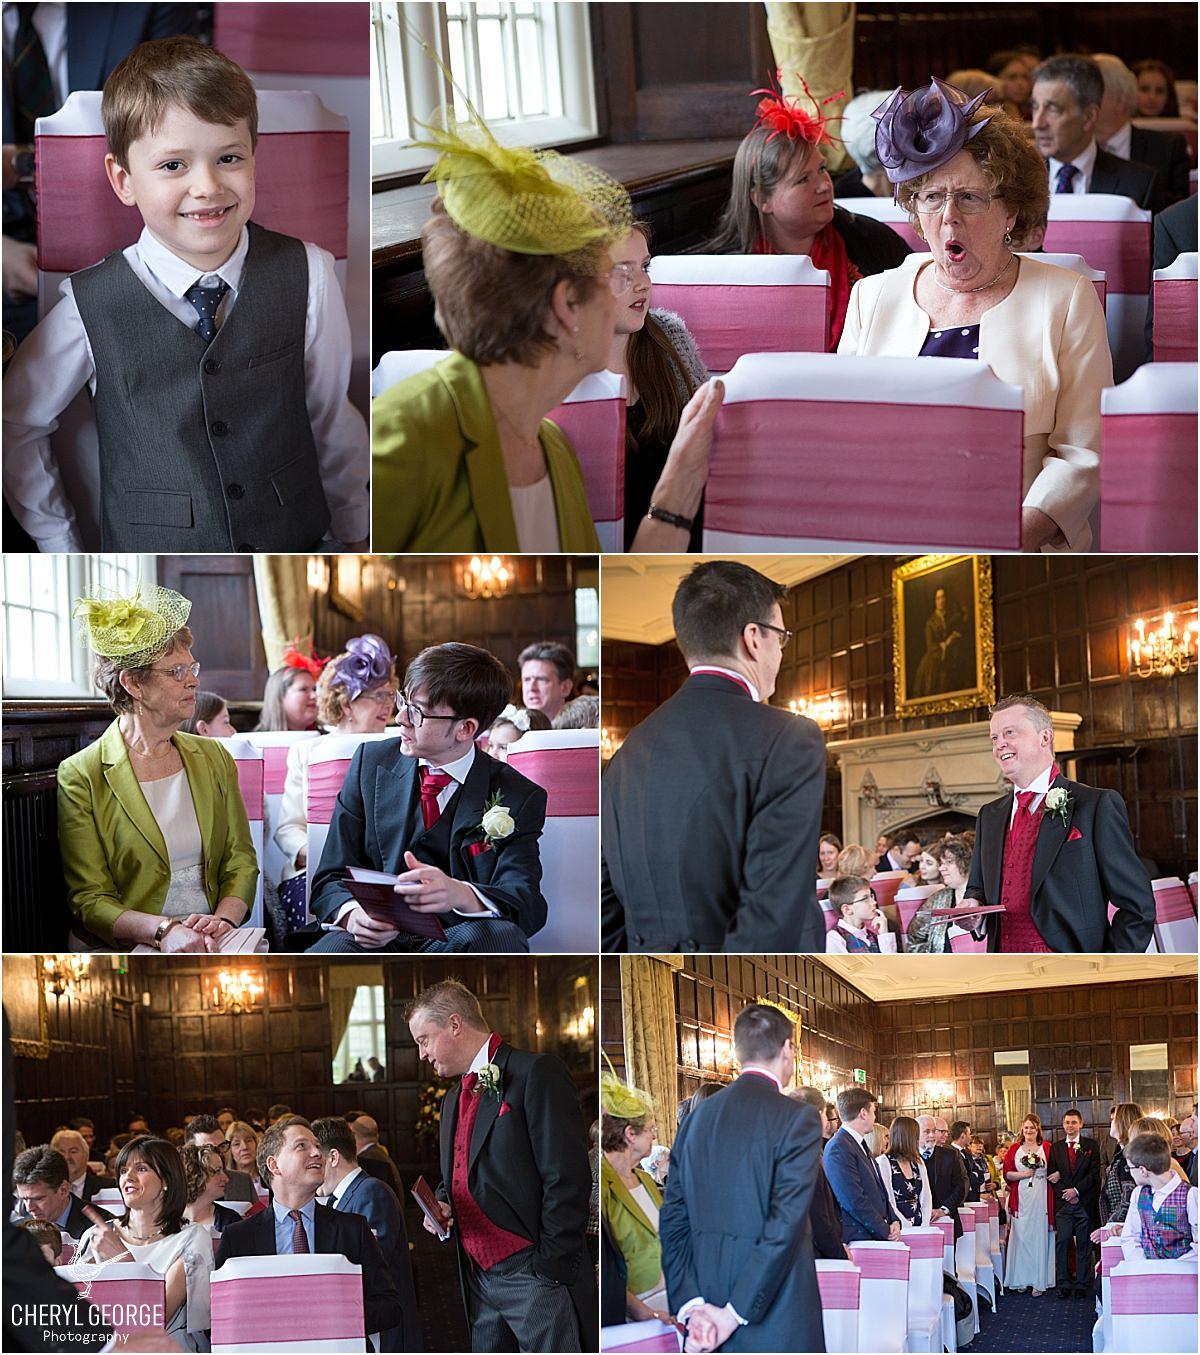 wedding photographerbishm abbey